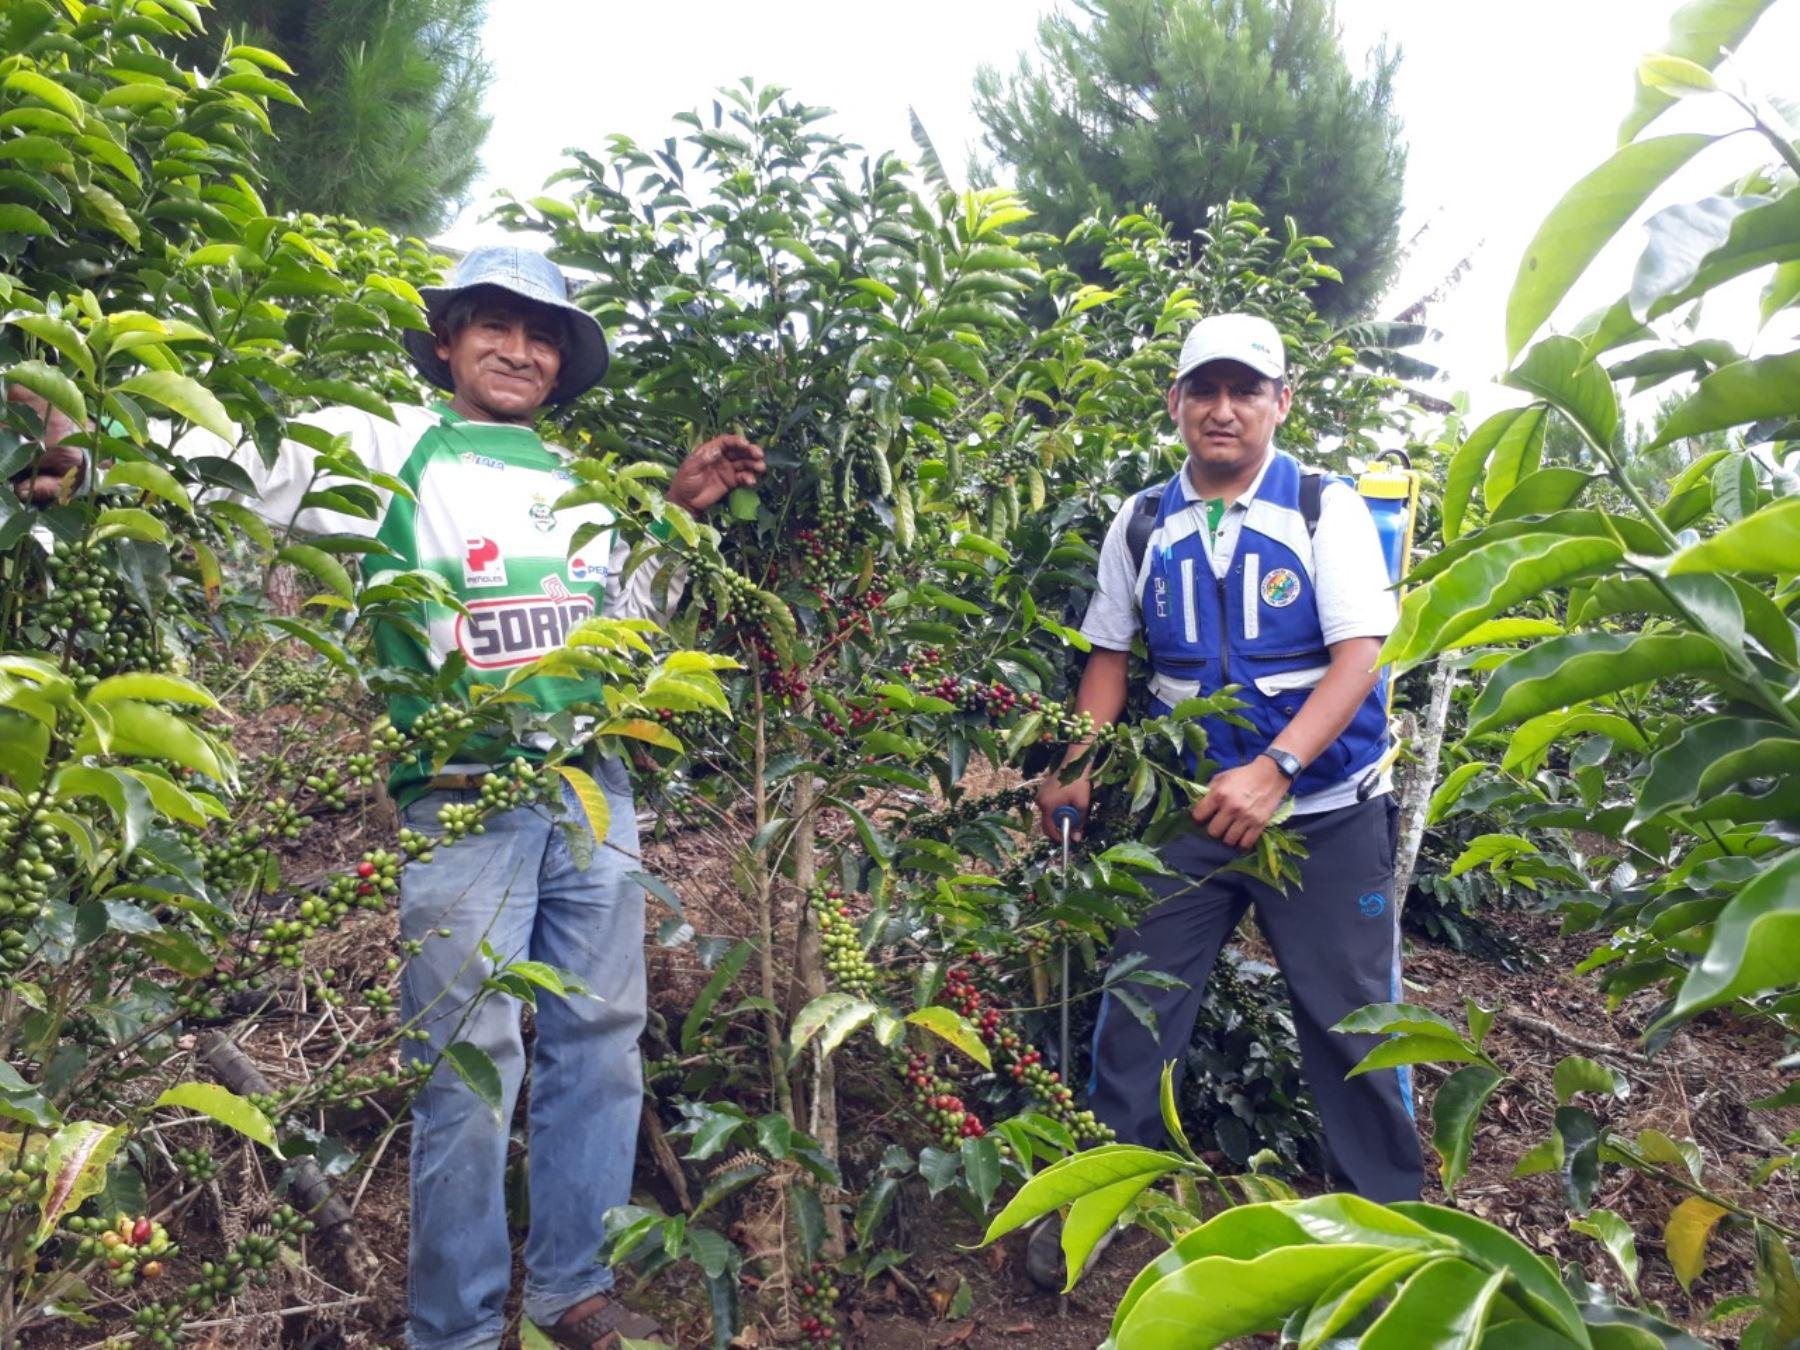 Candelaria se llama la nueva marca de cafés especiales de Puno que conquista paladares. ANDINA/Difusión